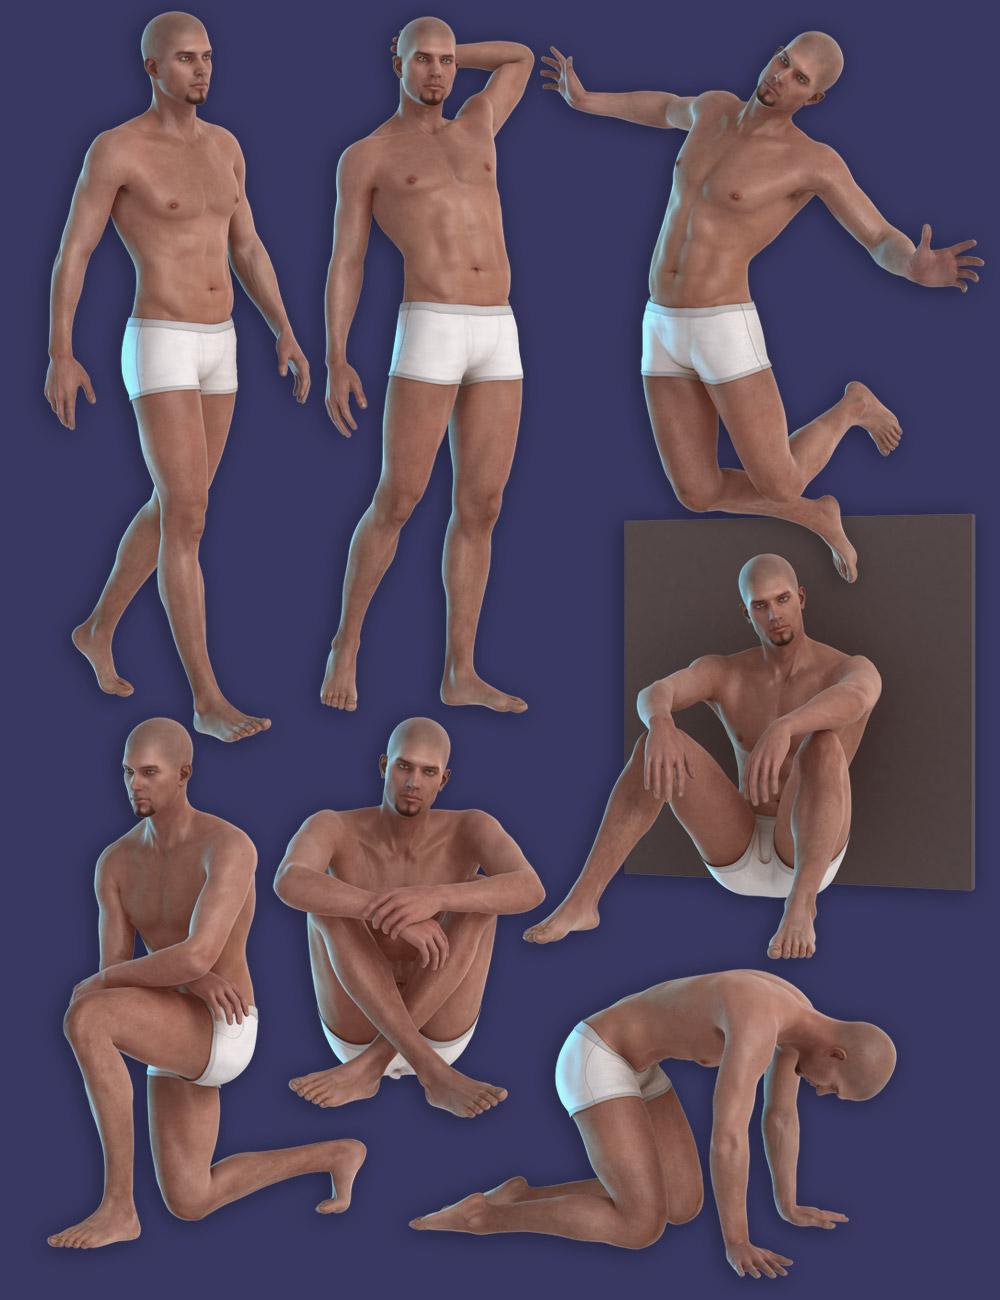 Capsces Poses M6 Pack 1 by: Capsces Digital Ink, 3D Models by Daz 3D